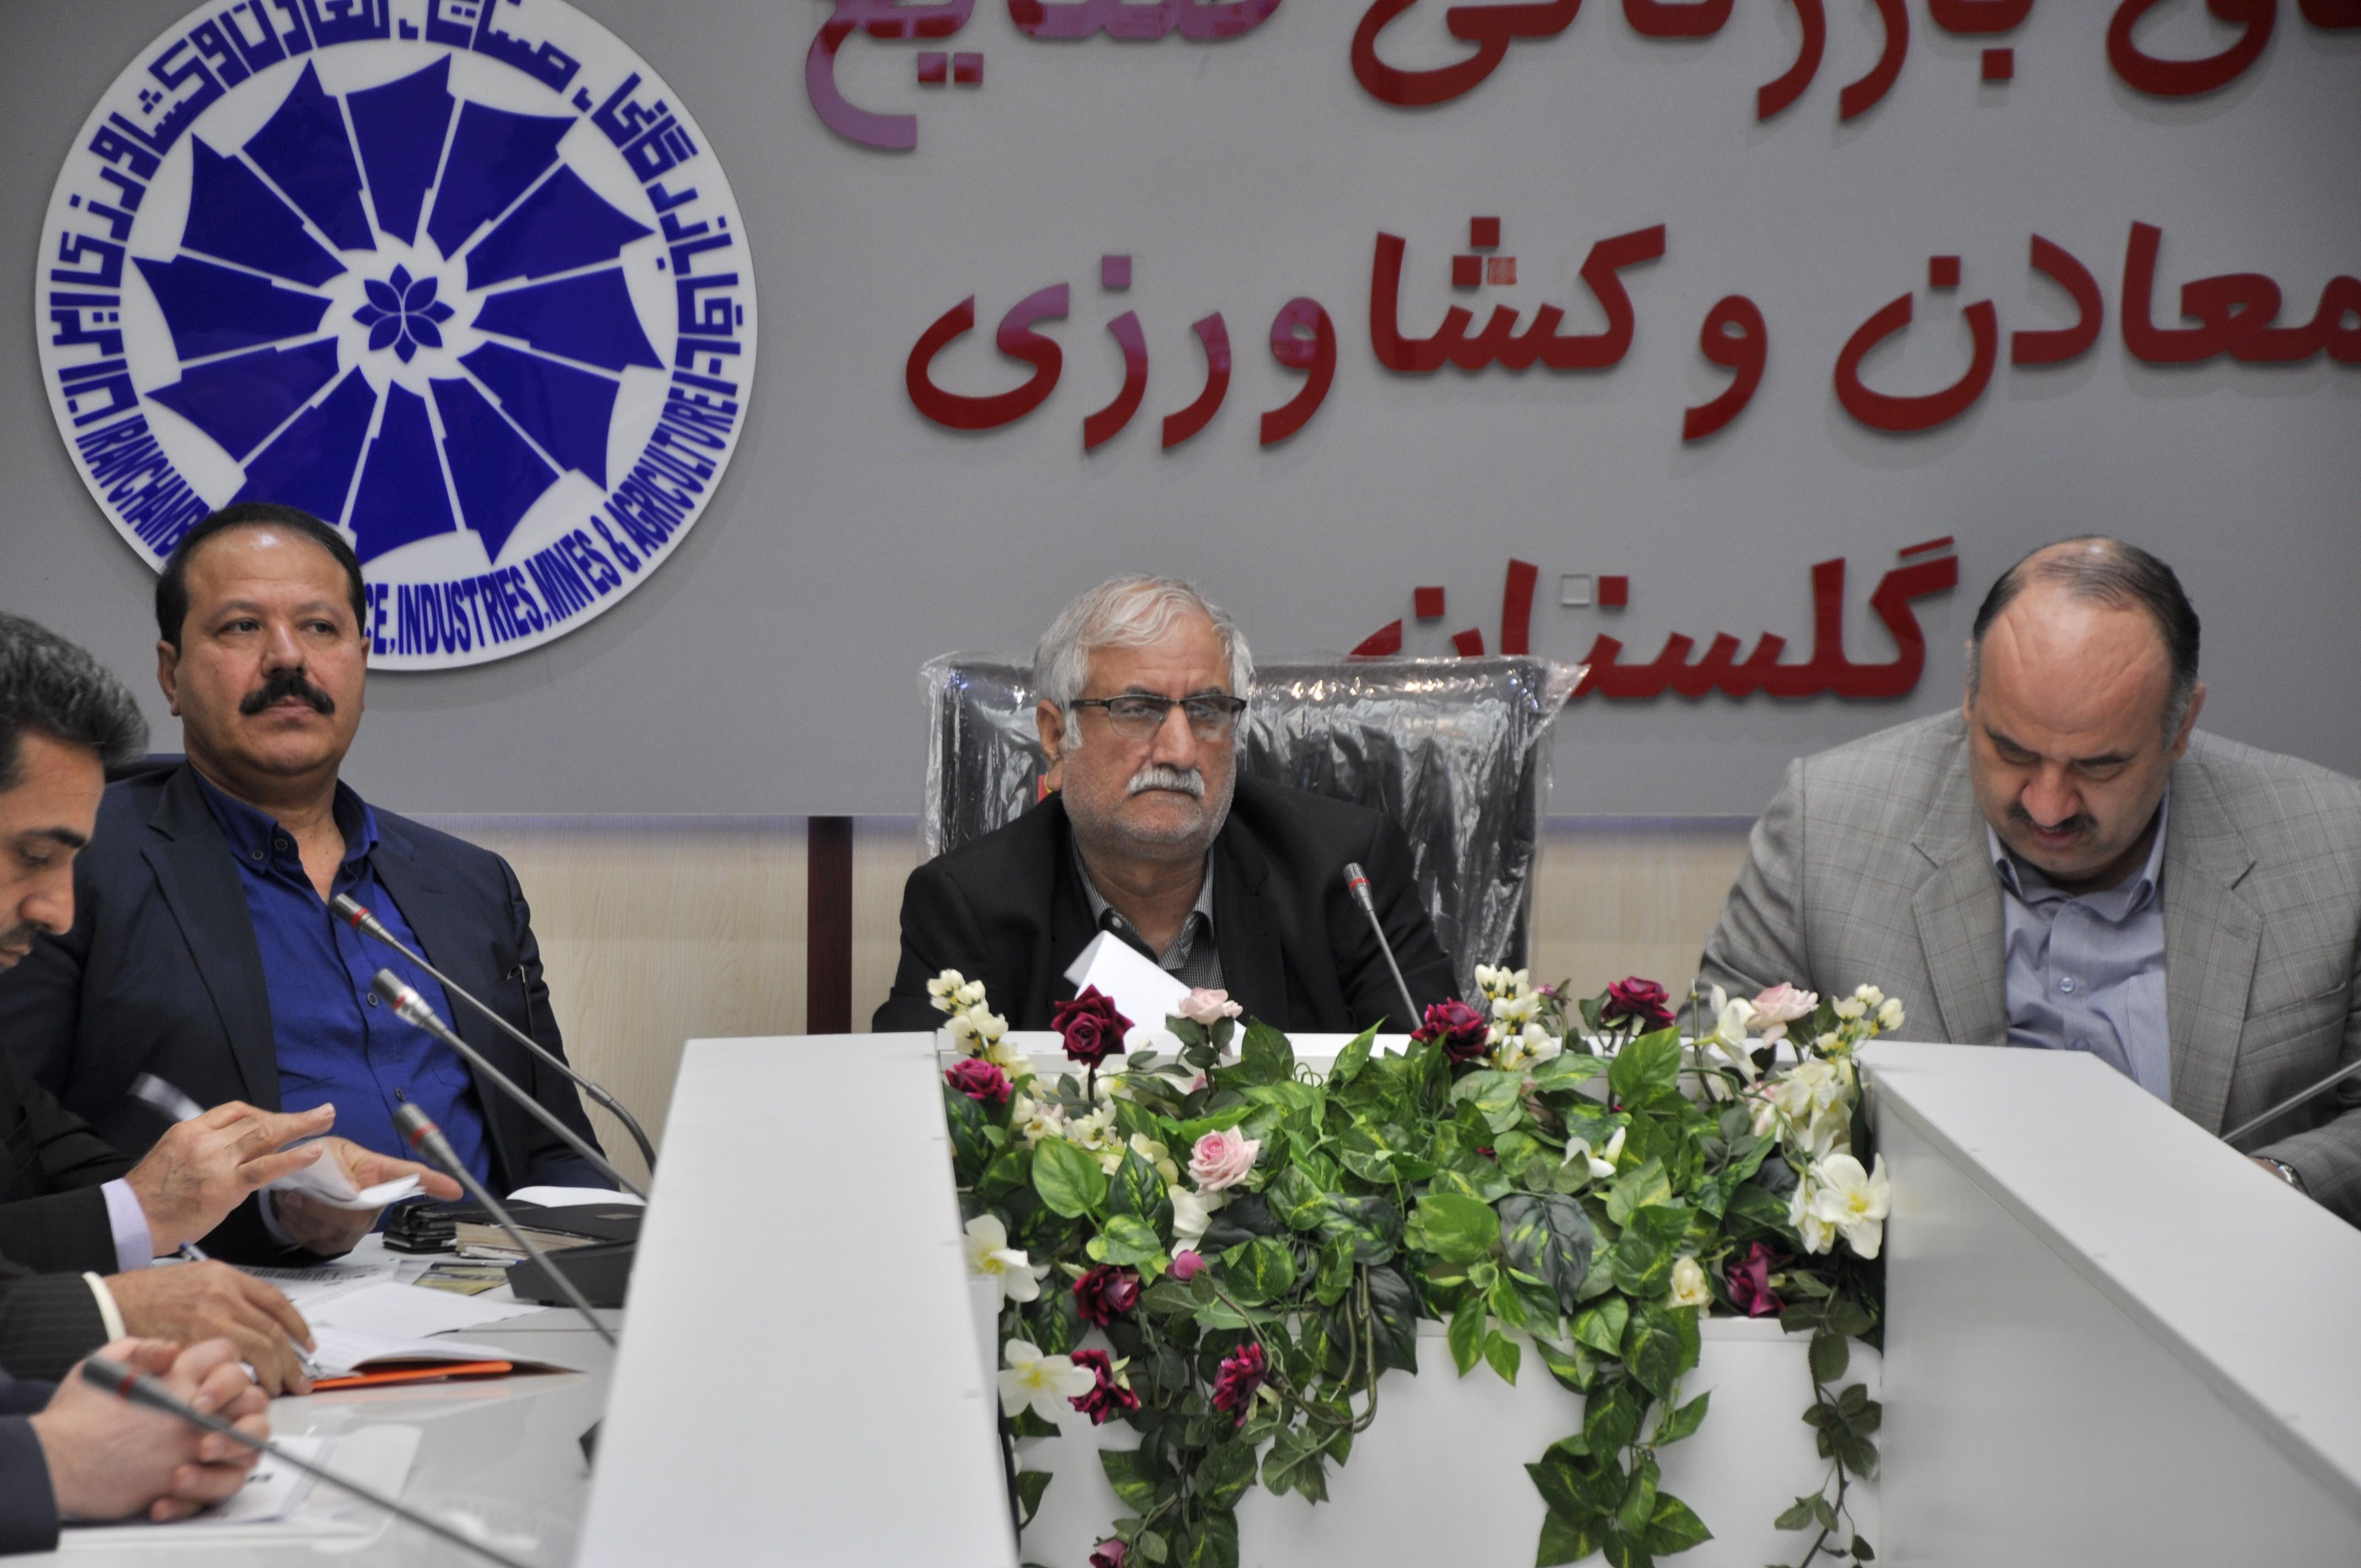 جلسه ستاد اجرایی آموزش و توسعه اشتغال مددجویان استان گلستان